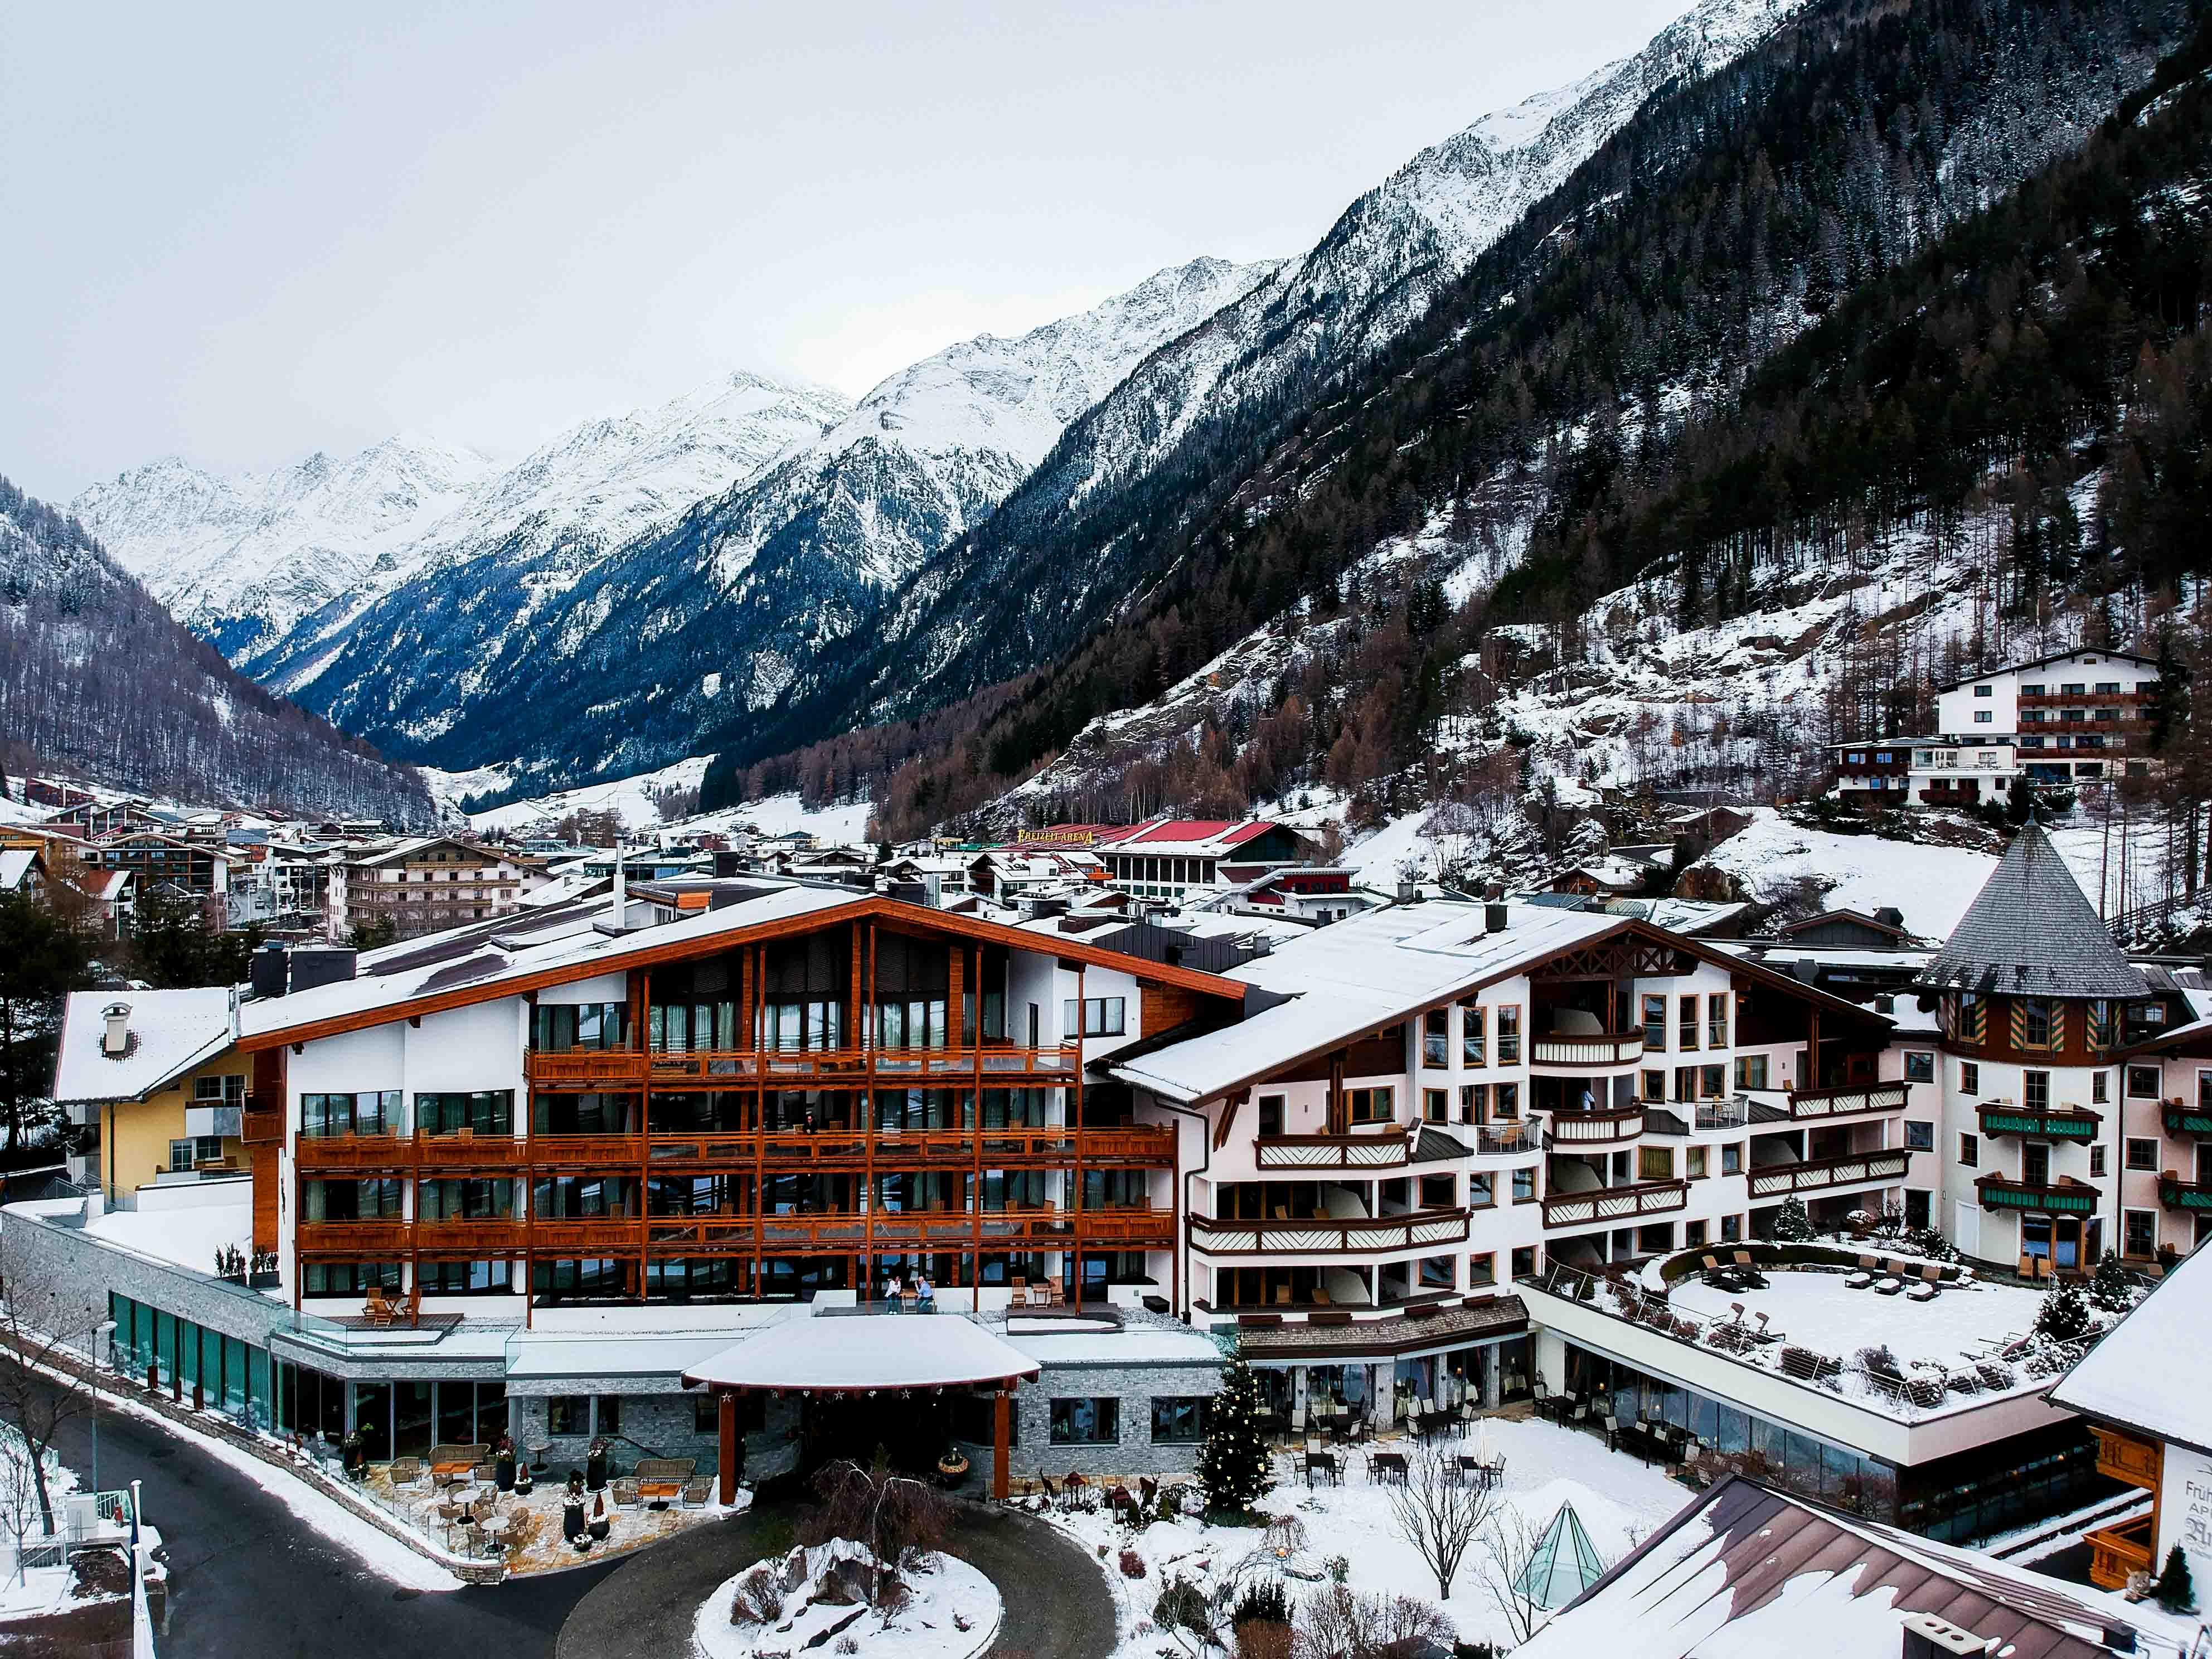 Das-Central-Sölden-5-Sterne-Wellnesshotel-Luxushotel-Sölden-Tirol-Österreich-Drohne-Luftaufnahme-Schnee-Reiseblog